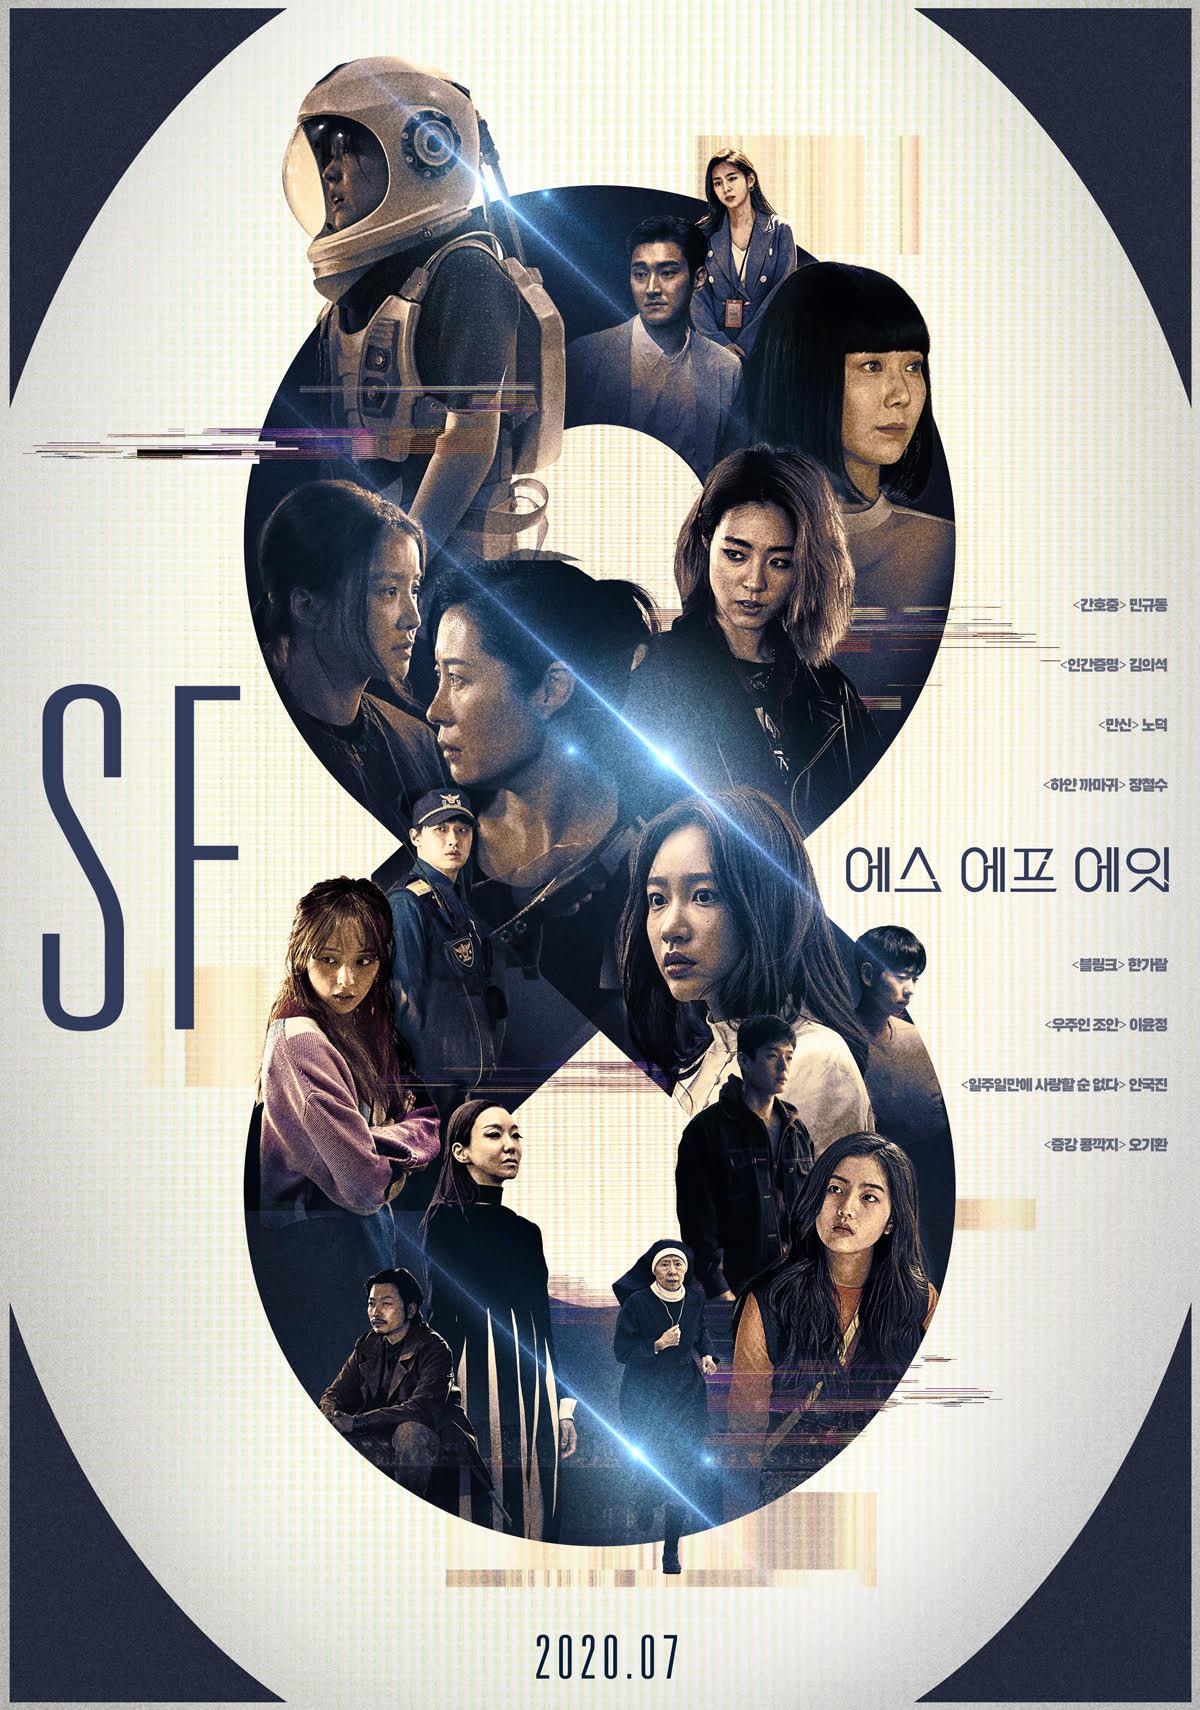 'SF8 프로젝트', 메인 예고편 전격 공개… 눈 앞에 펼쳐질 8개의 작품!